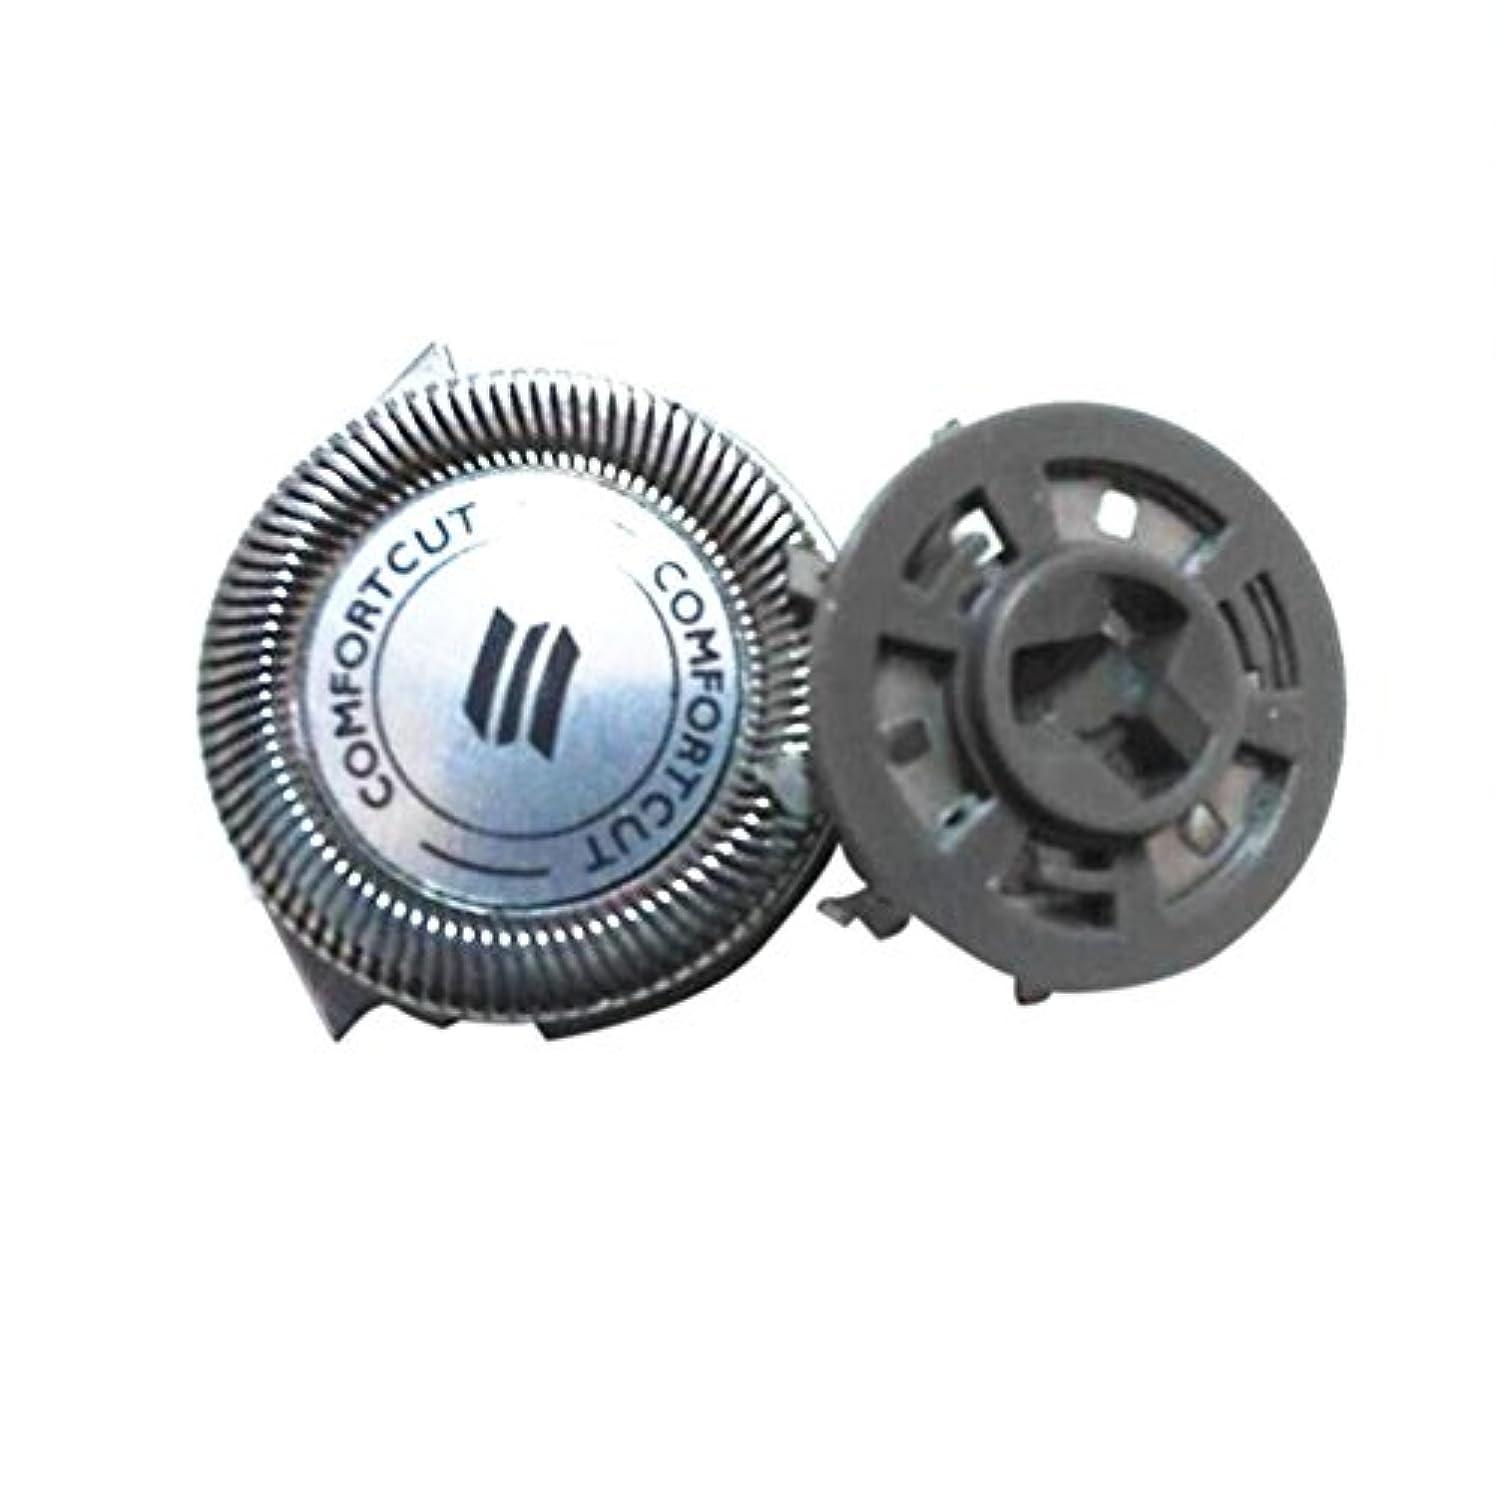 オーチャードナチュラルレビュアーHZjundasi Replacement シェーバーシェーバーカミソリヘッドブレード for Philips S5050/7510/5380/5011